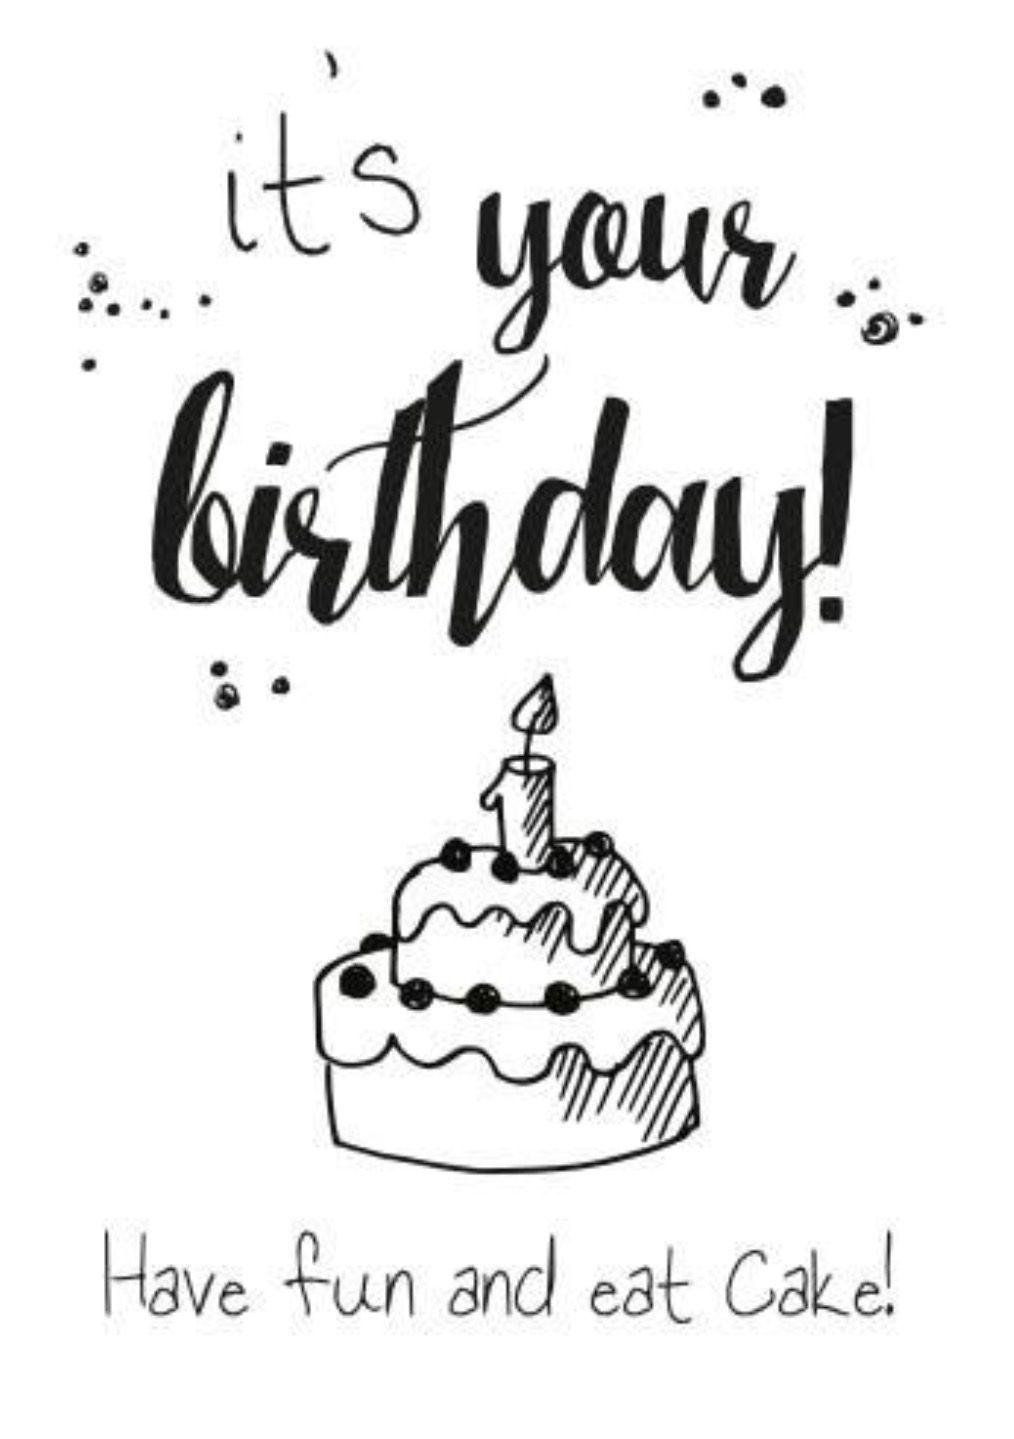 Happy Birthday (met afbeeldingen) | Brief, Kaart ideeën ...